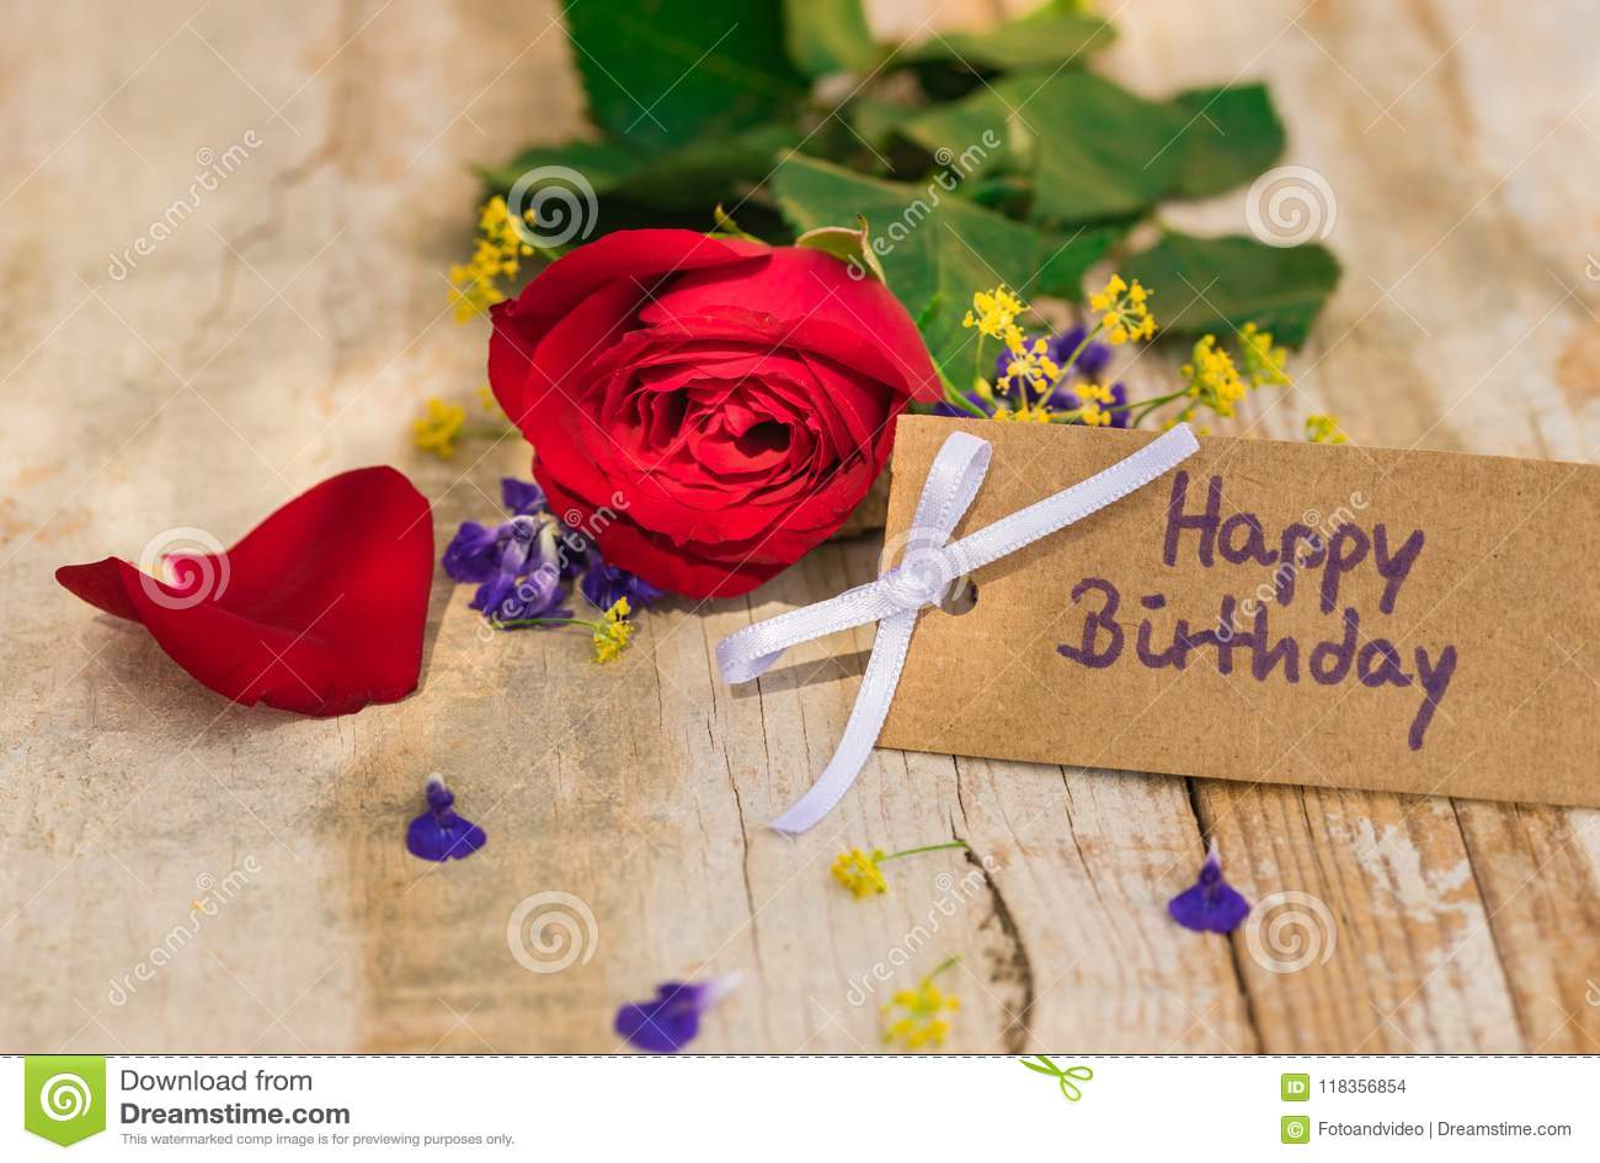 Immagini Di Buon Compleanno Con Rose Rosse Ardusat Org